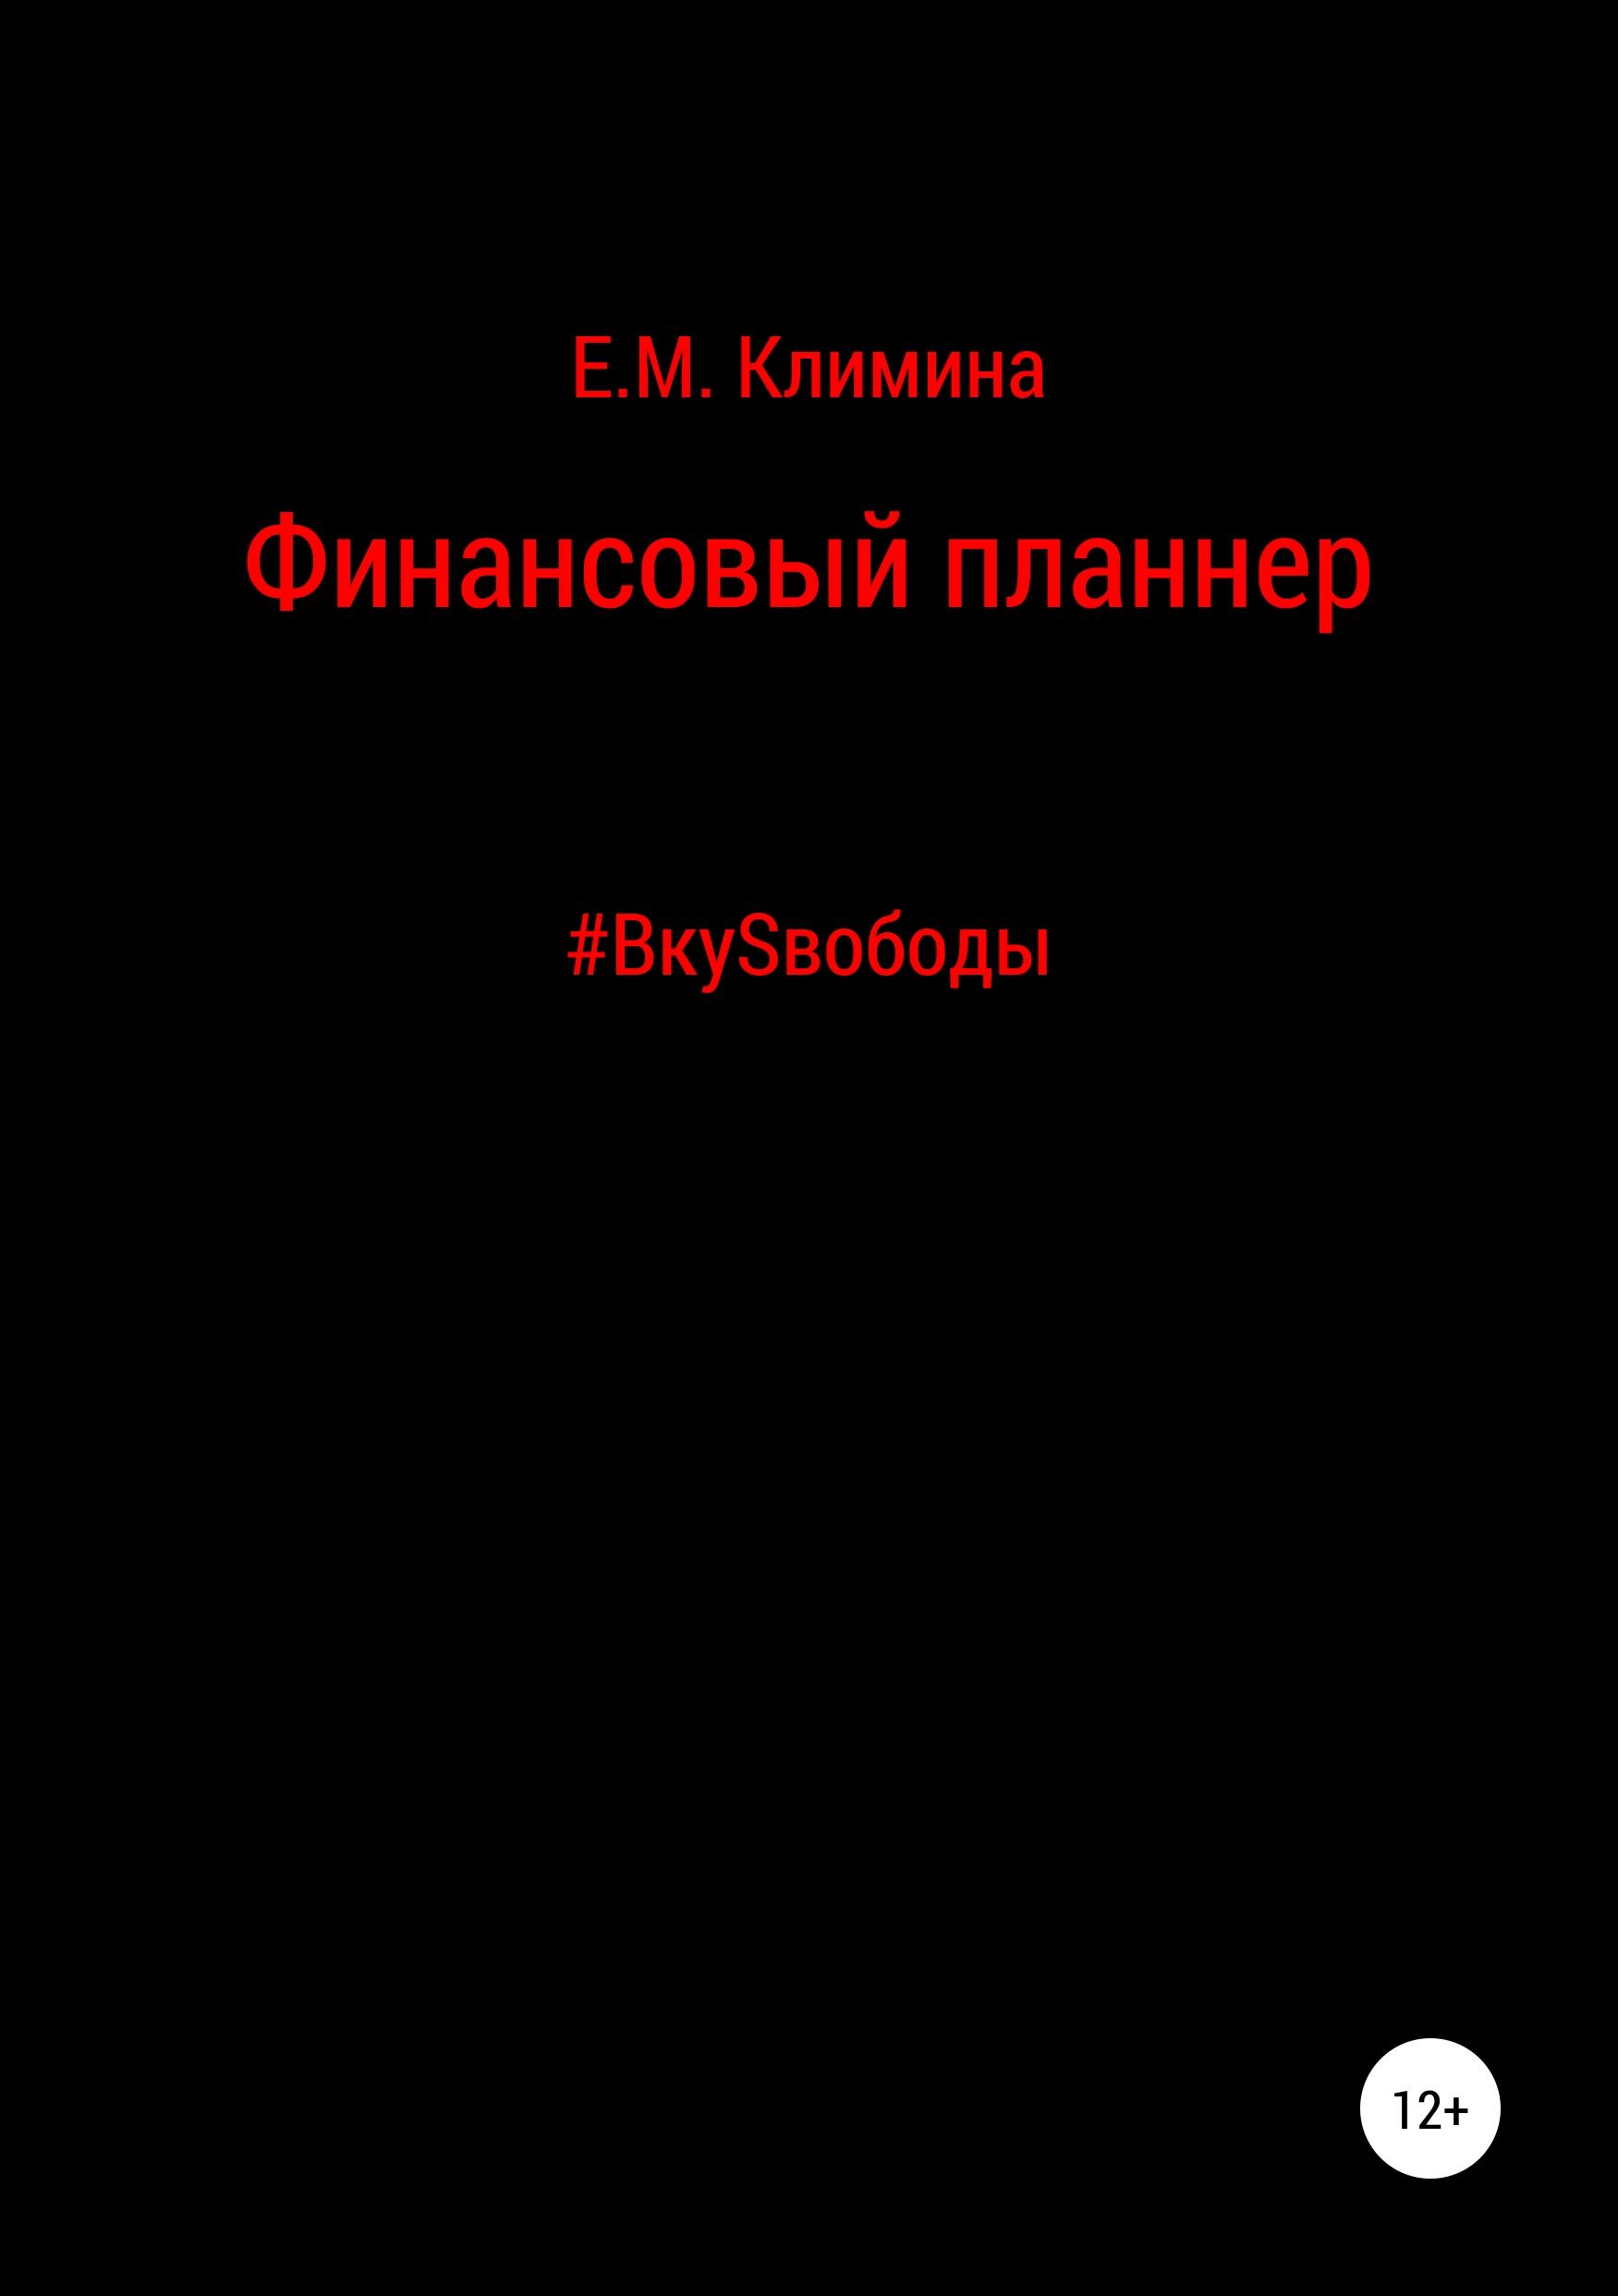 Купить книгу Финансовый планнер #ВкуSвободы, автора Екатерины Михайловны Климиной